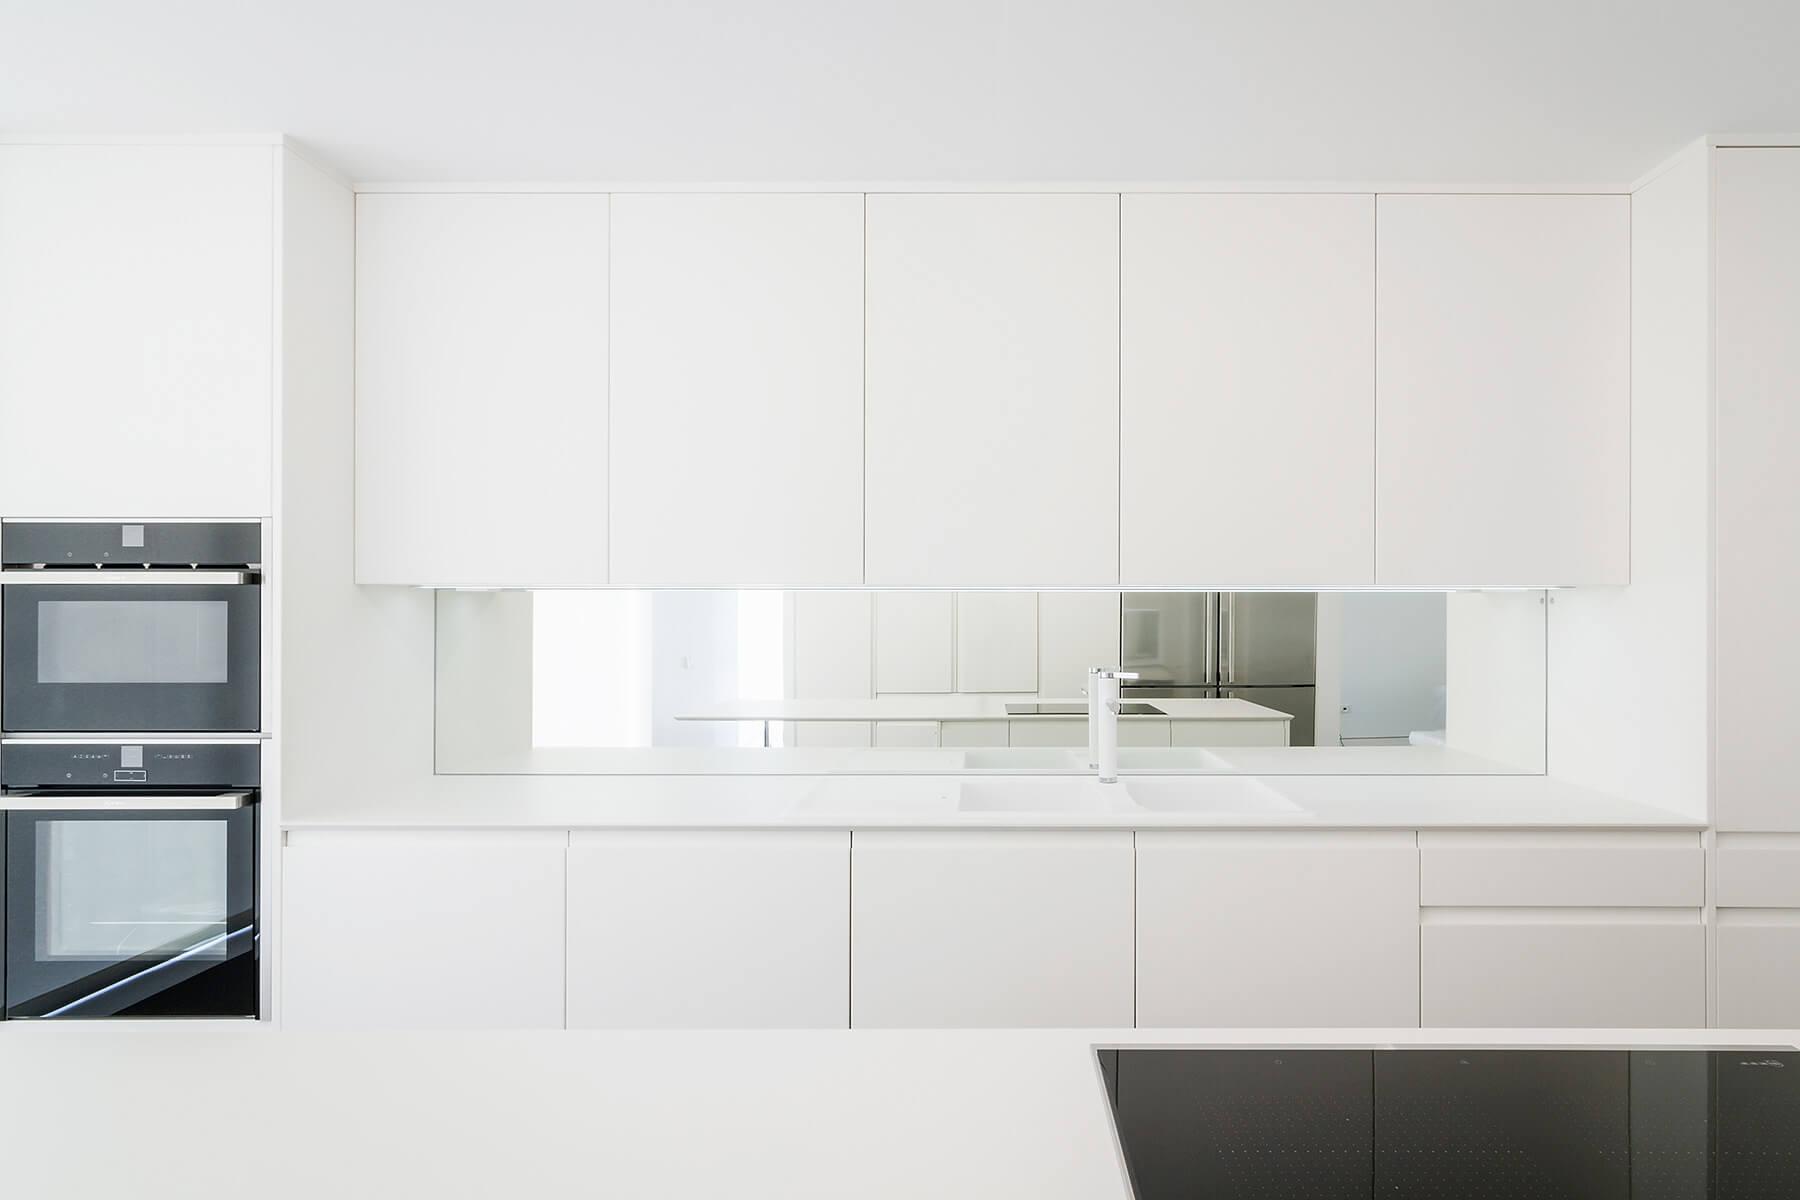 Cocina serie hölst en blanco laca con encimeras e isla en corian - muebles de cocina